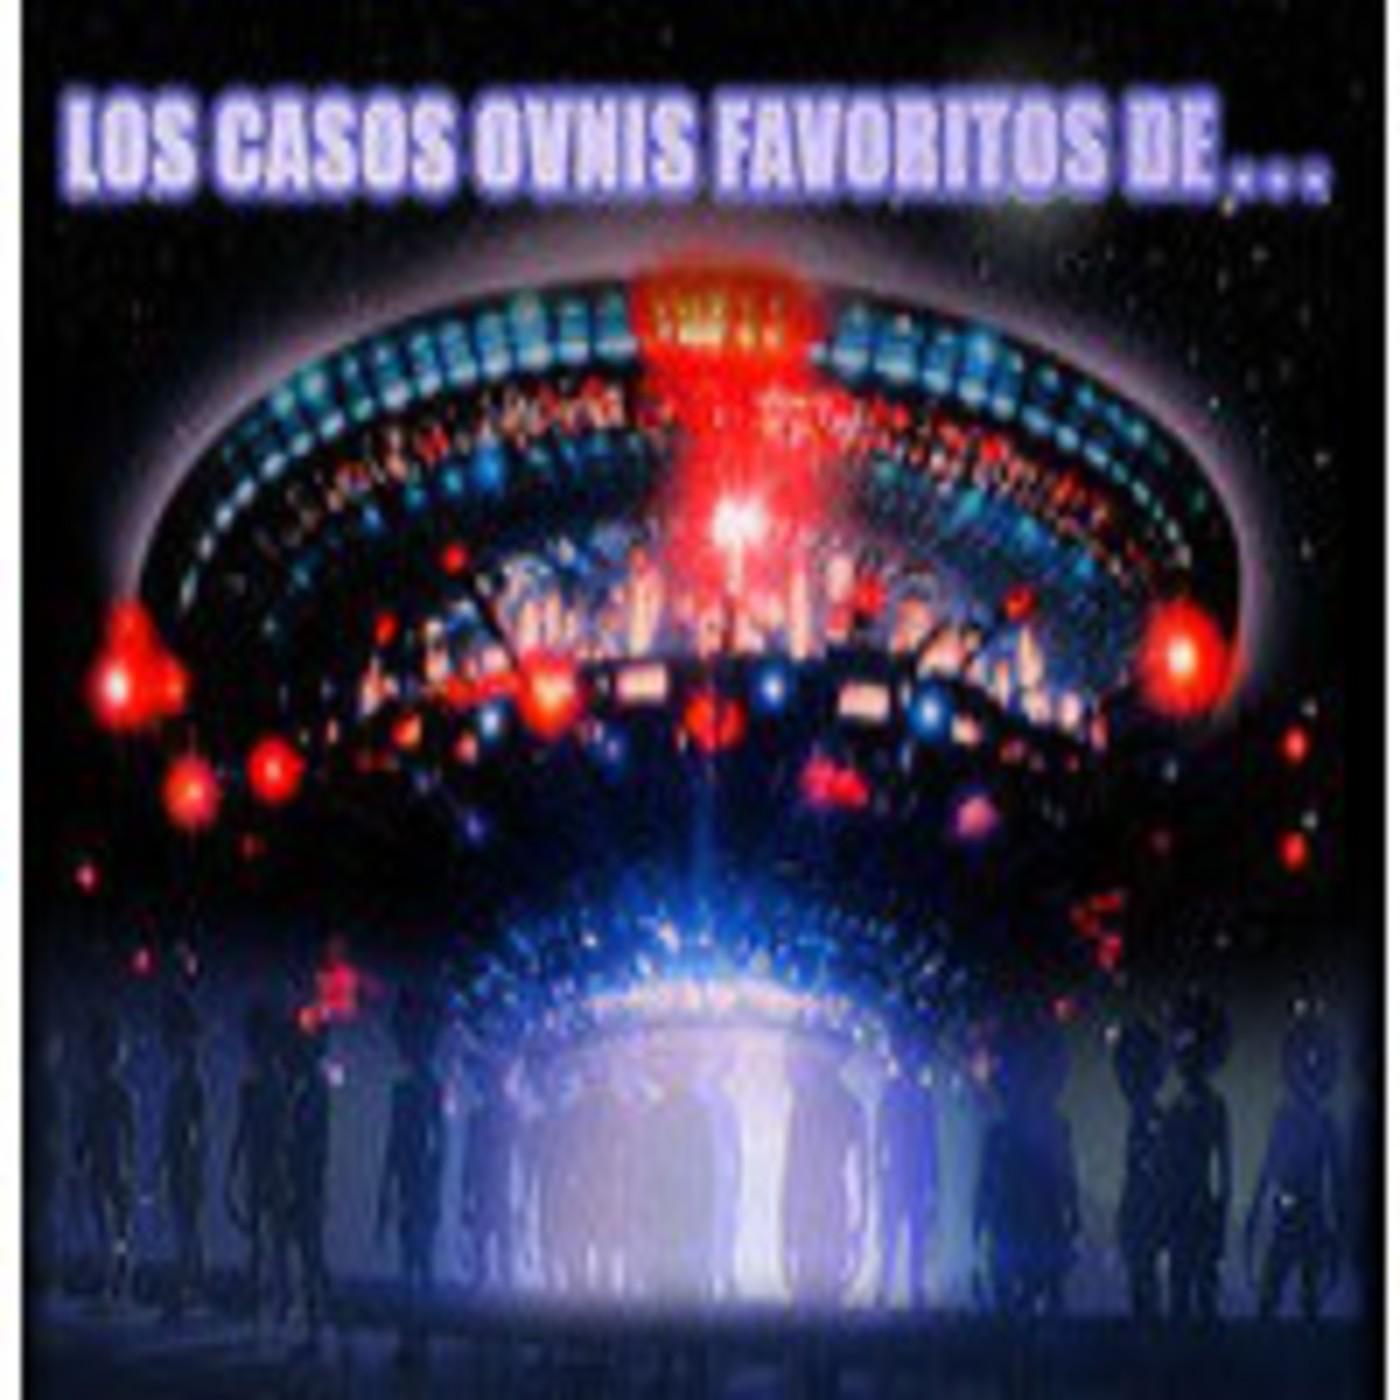 TLL 6x17 Nuestros enigmas OVNI favoritos, con Manuel Carballal, Chris Aubeck, Alex Barragán...